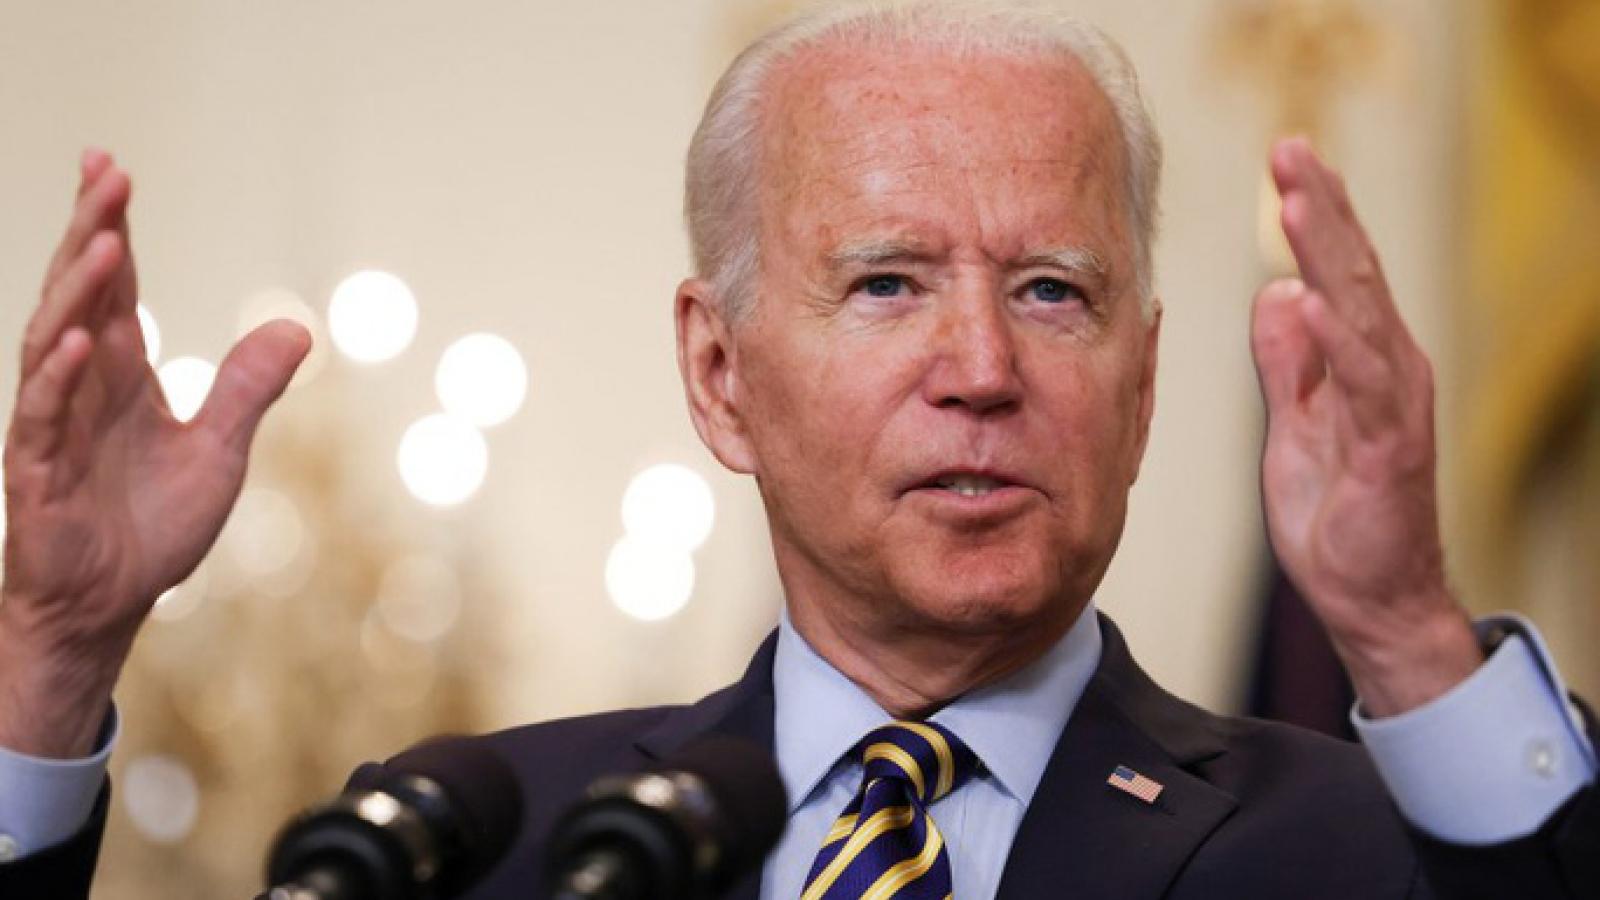 Vì sao chính quyền Tổng thống Biden vẫn bỏ trống vị trí đại sứ tại Trung Quốc?